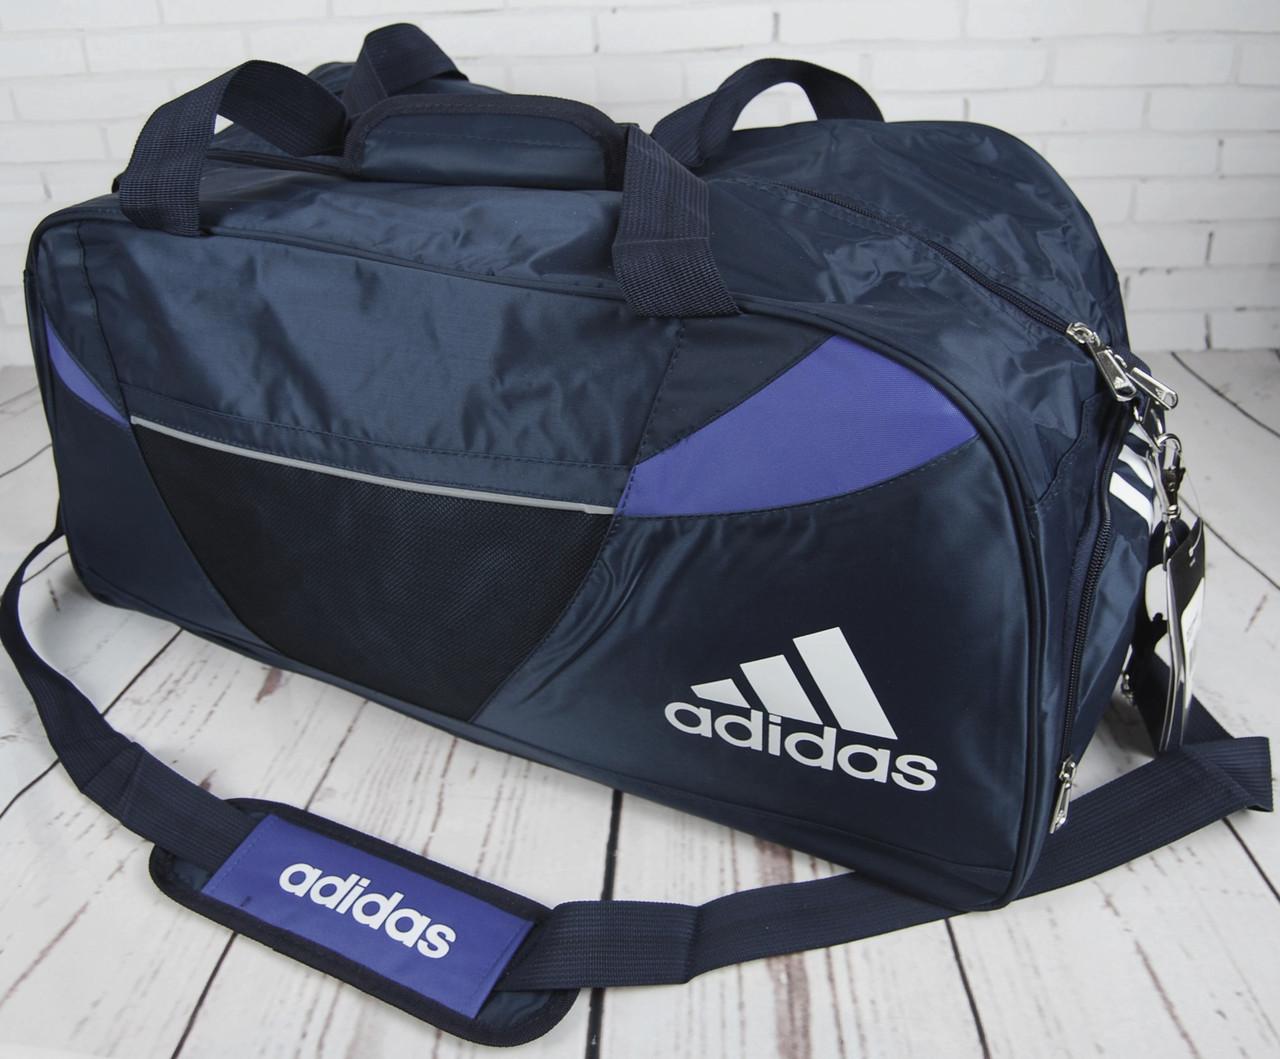 21dfe0de2975 ... Большая дорожная сумка Adidas. Спортивная сумка с отделом для обуви  КСС30, ...